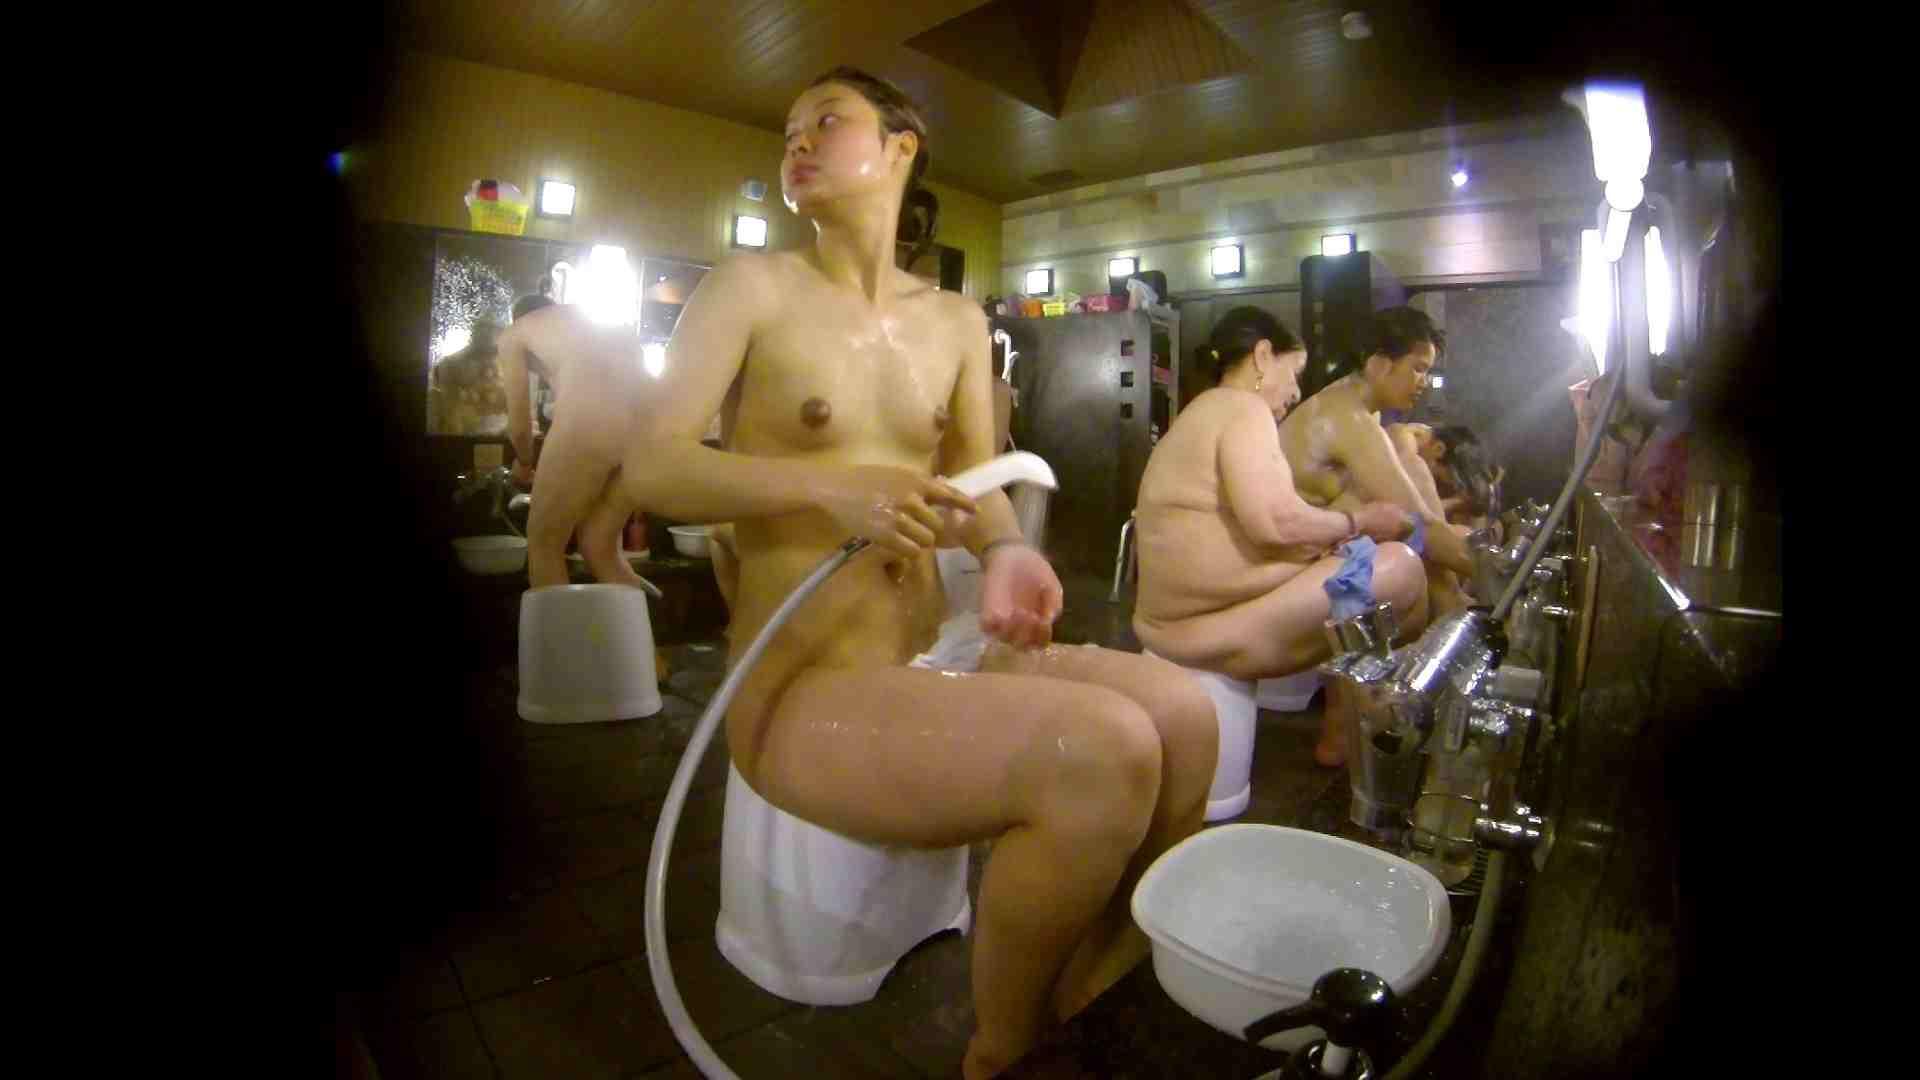 追い撮り!脱衣~洗い場、徹底追跡!撮り師さんに拍手!! 友人・知人 セックス画像 77枚 25